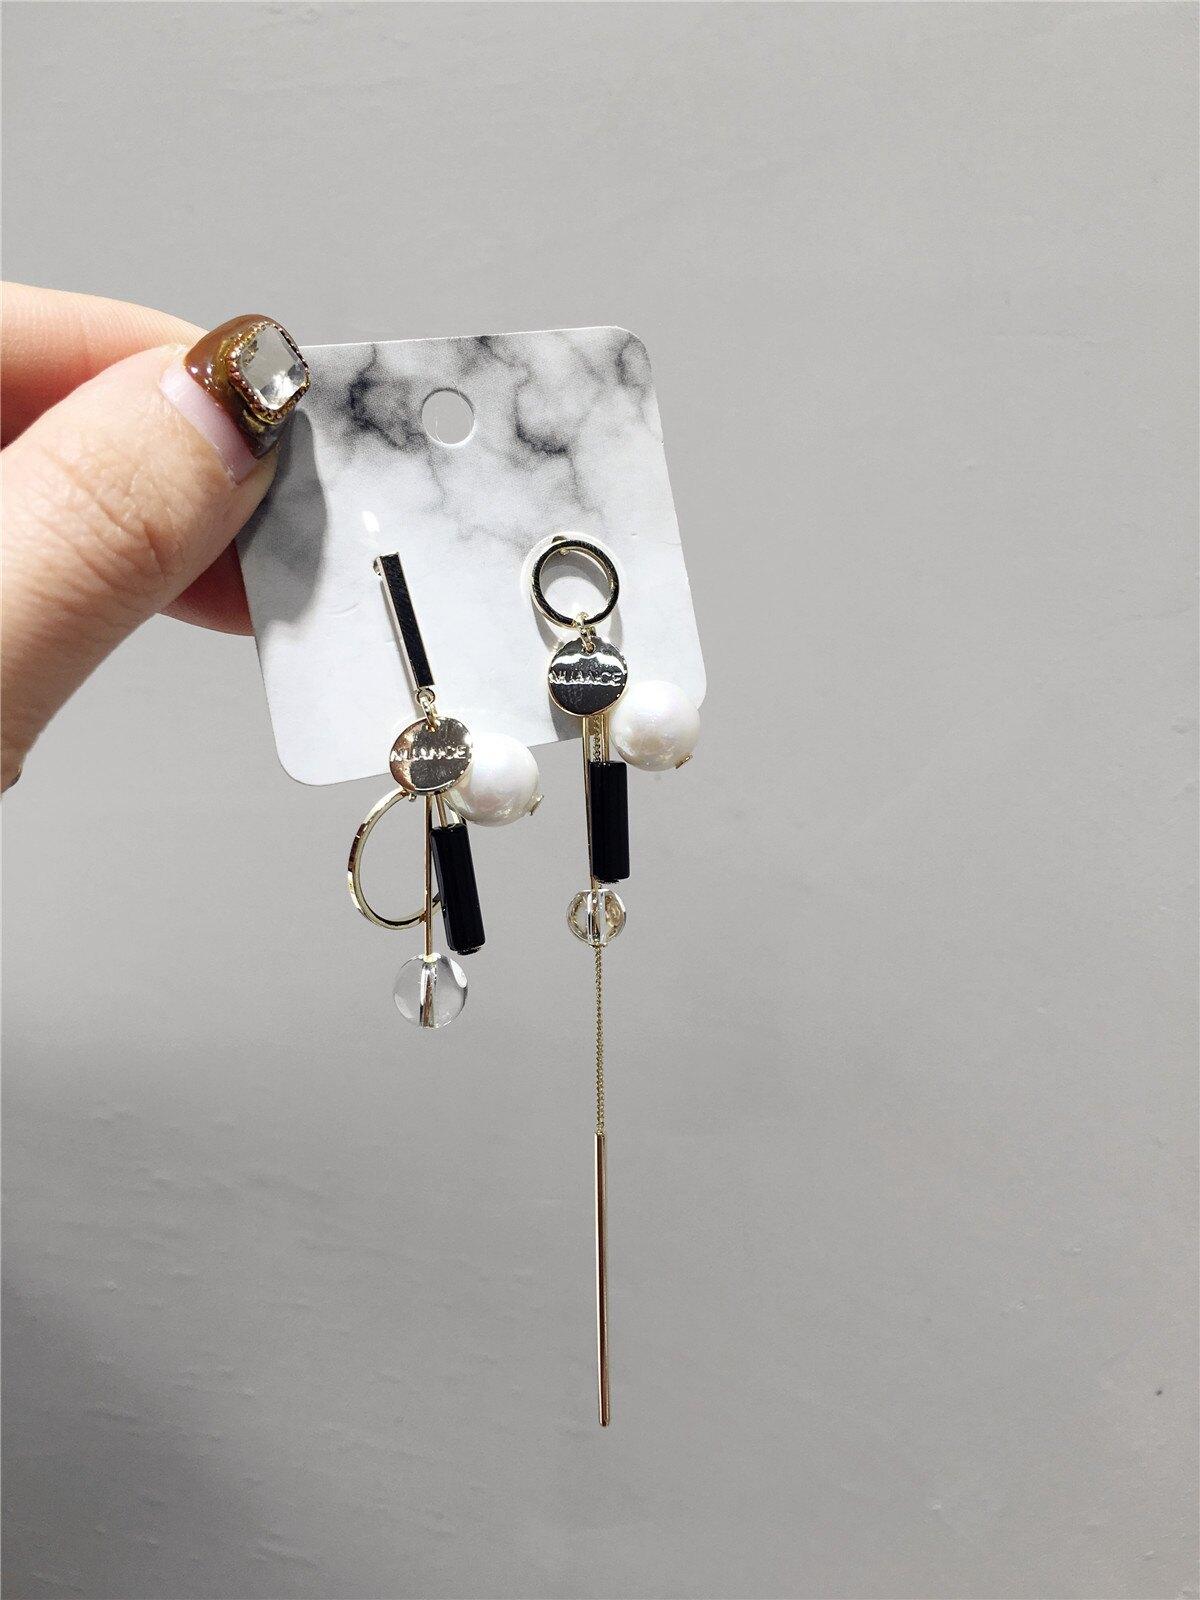 個性時尚潮人不對稱人造珍珠子串金屬流蘇銀針耳環耳釘飾品1入